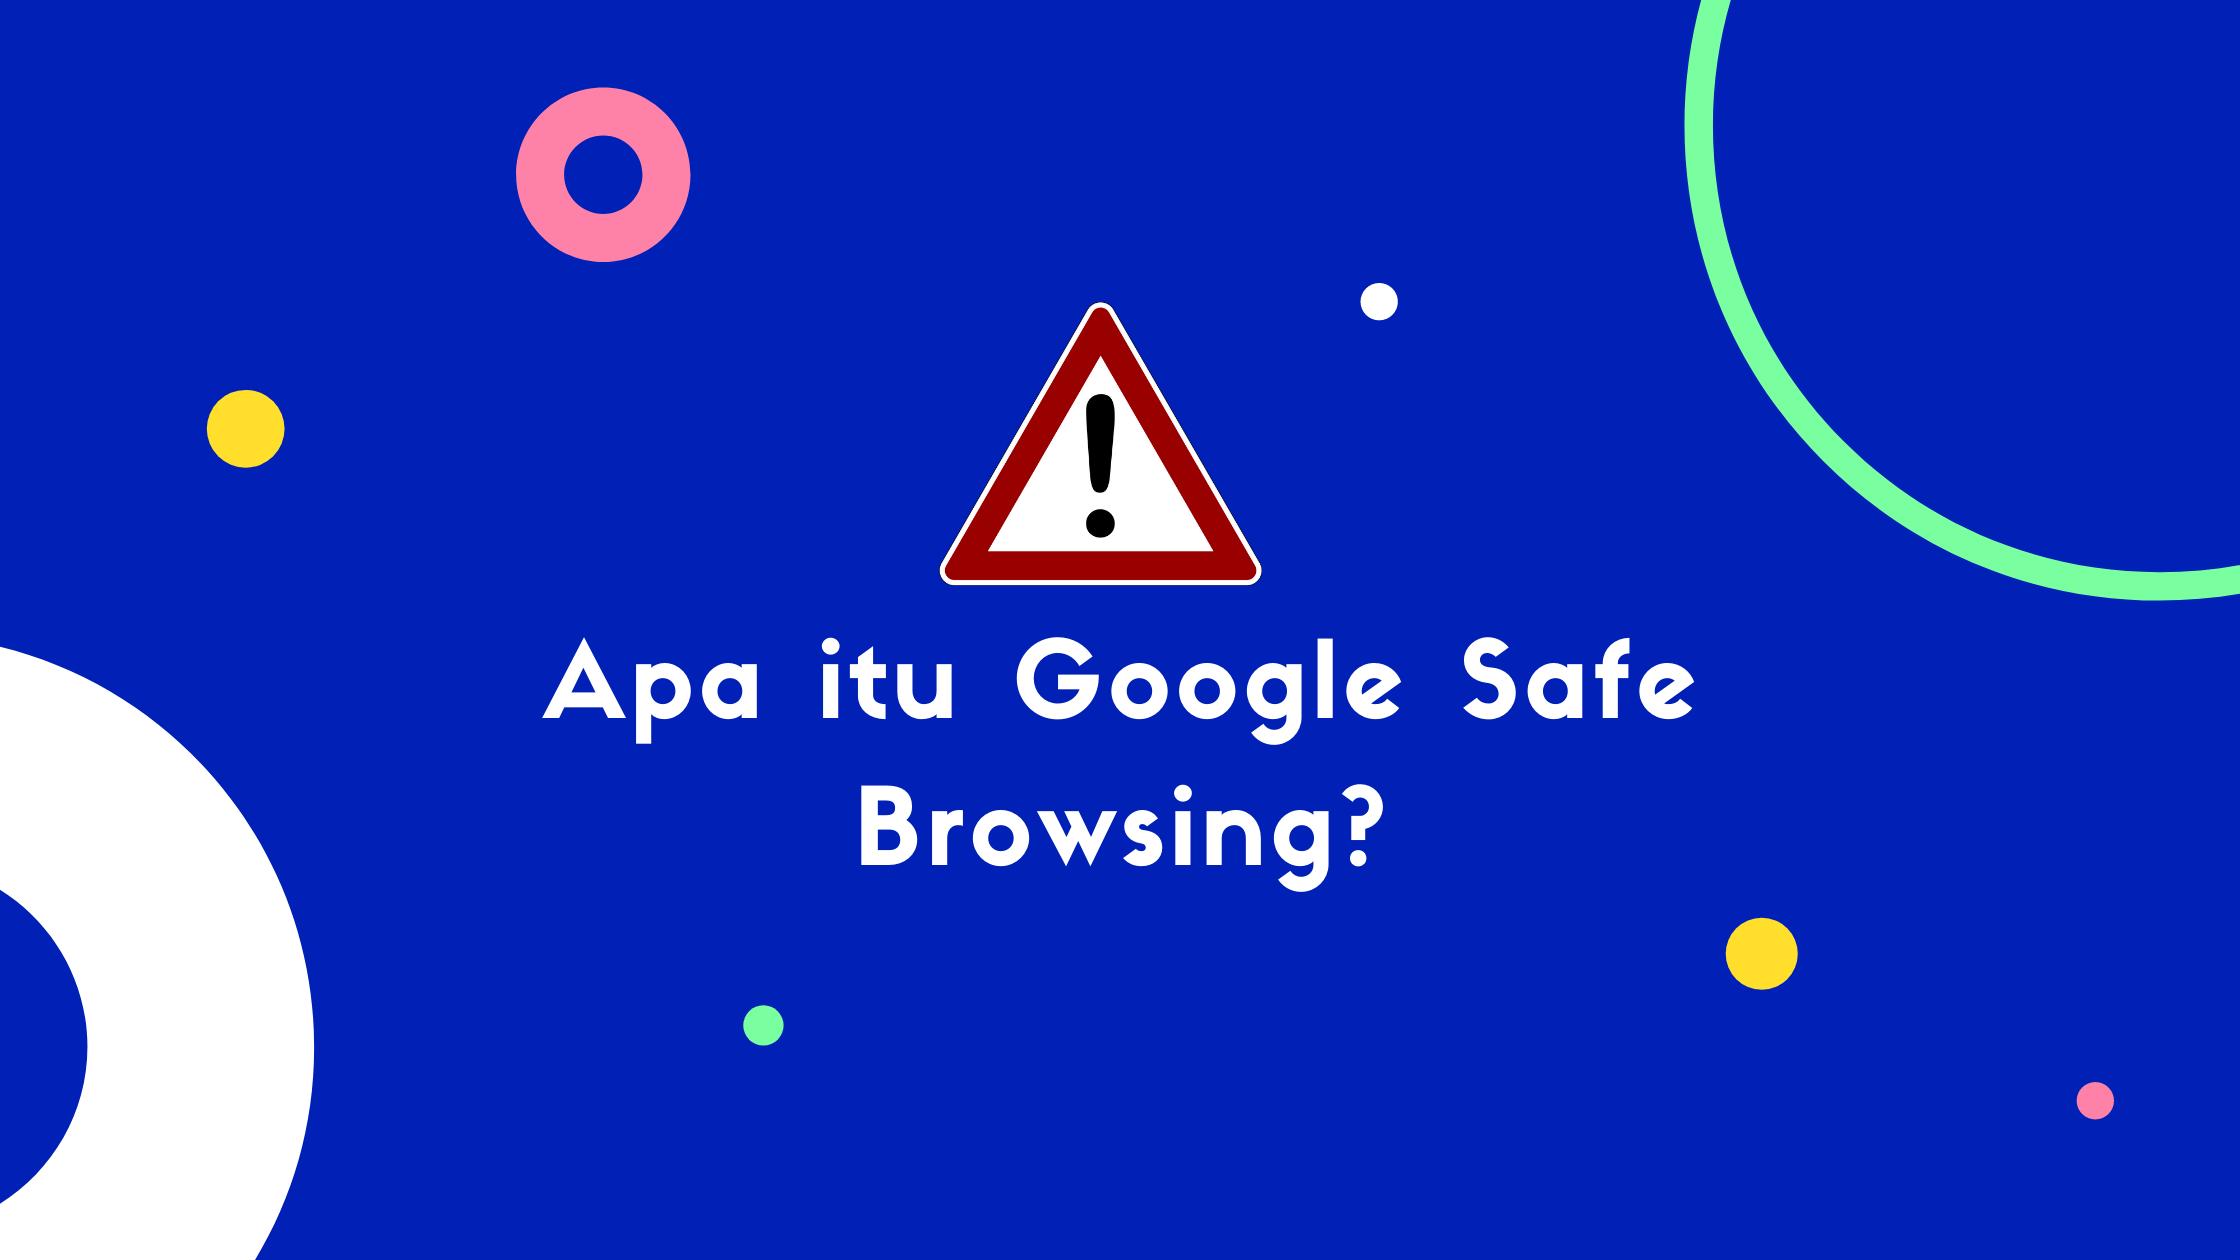 Apa itu Google Safe Browsing dan apa yang harus dilakukan jika Anda diblokir